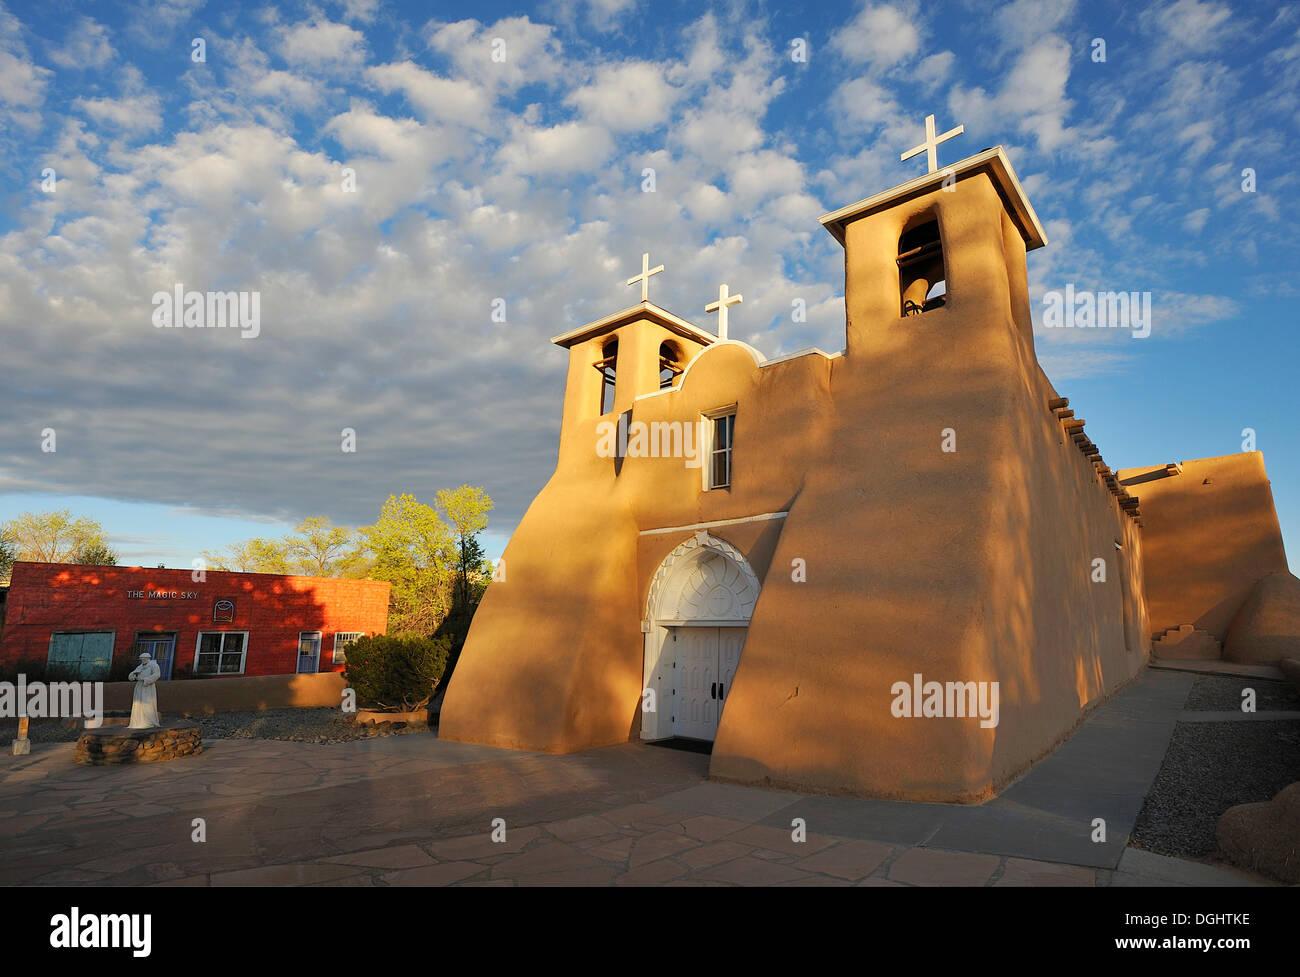 Adobe Architettura, Chiesa di San Francesco di Assisi, Ranchos de Taos, Nuovo Messico, STATI UNITI D'AMERICA Immagini Stock